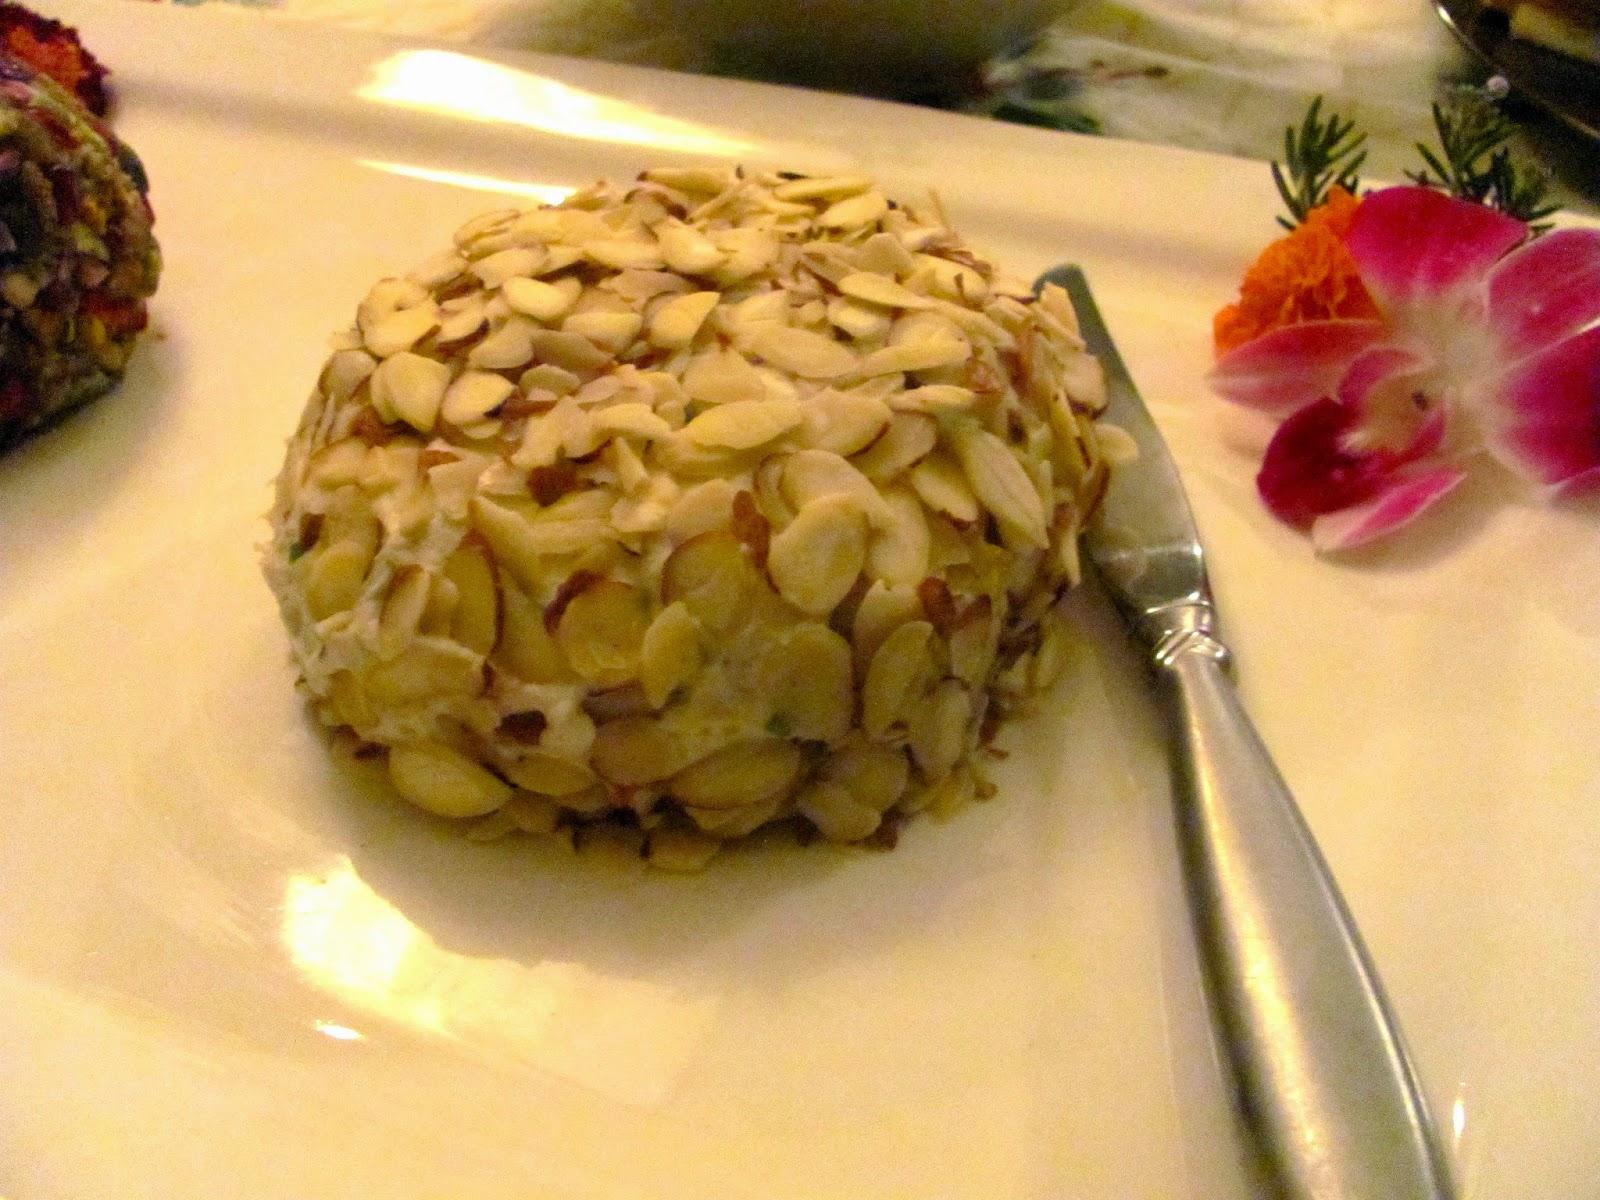 vegan caterer denver | raw foods caterer denver | gluten free catering denver | boulder